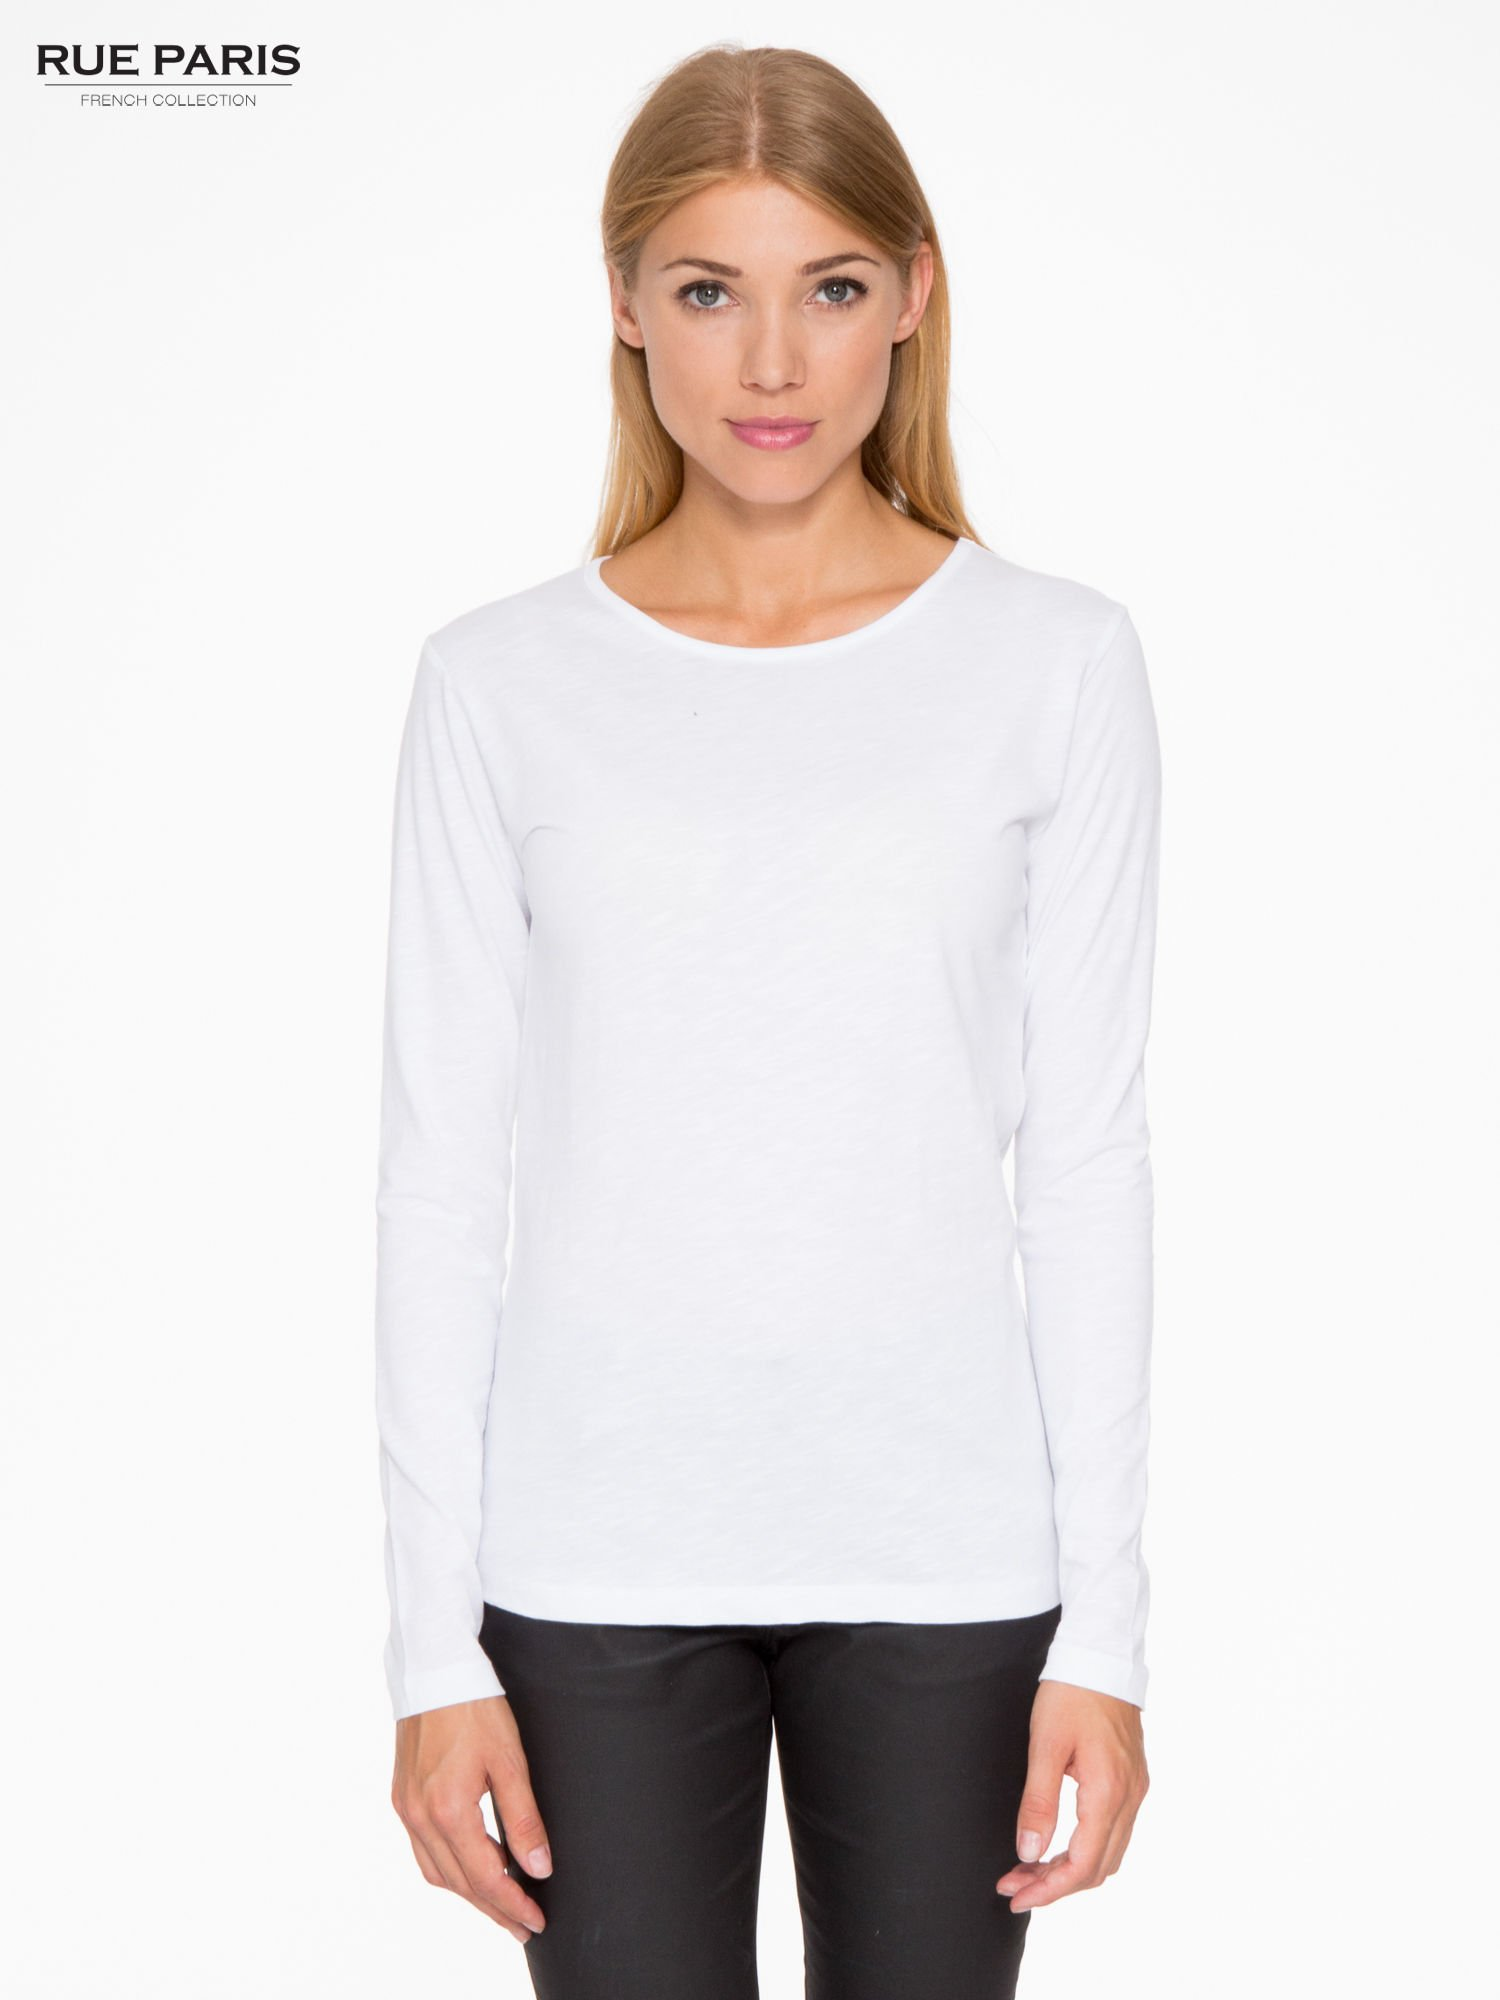 Biała basicowa bluzka z długim rękawem                                  zdj.                                  1